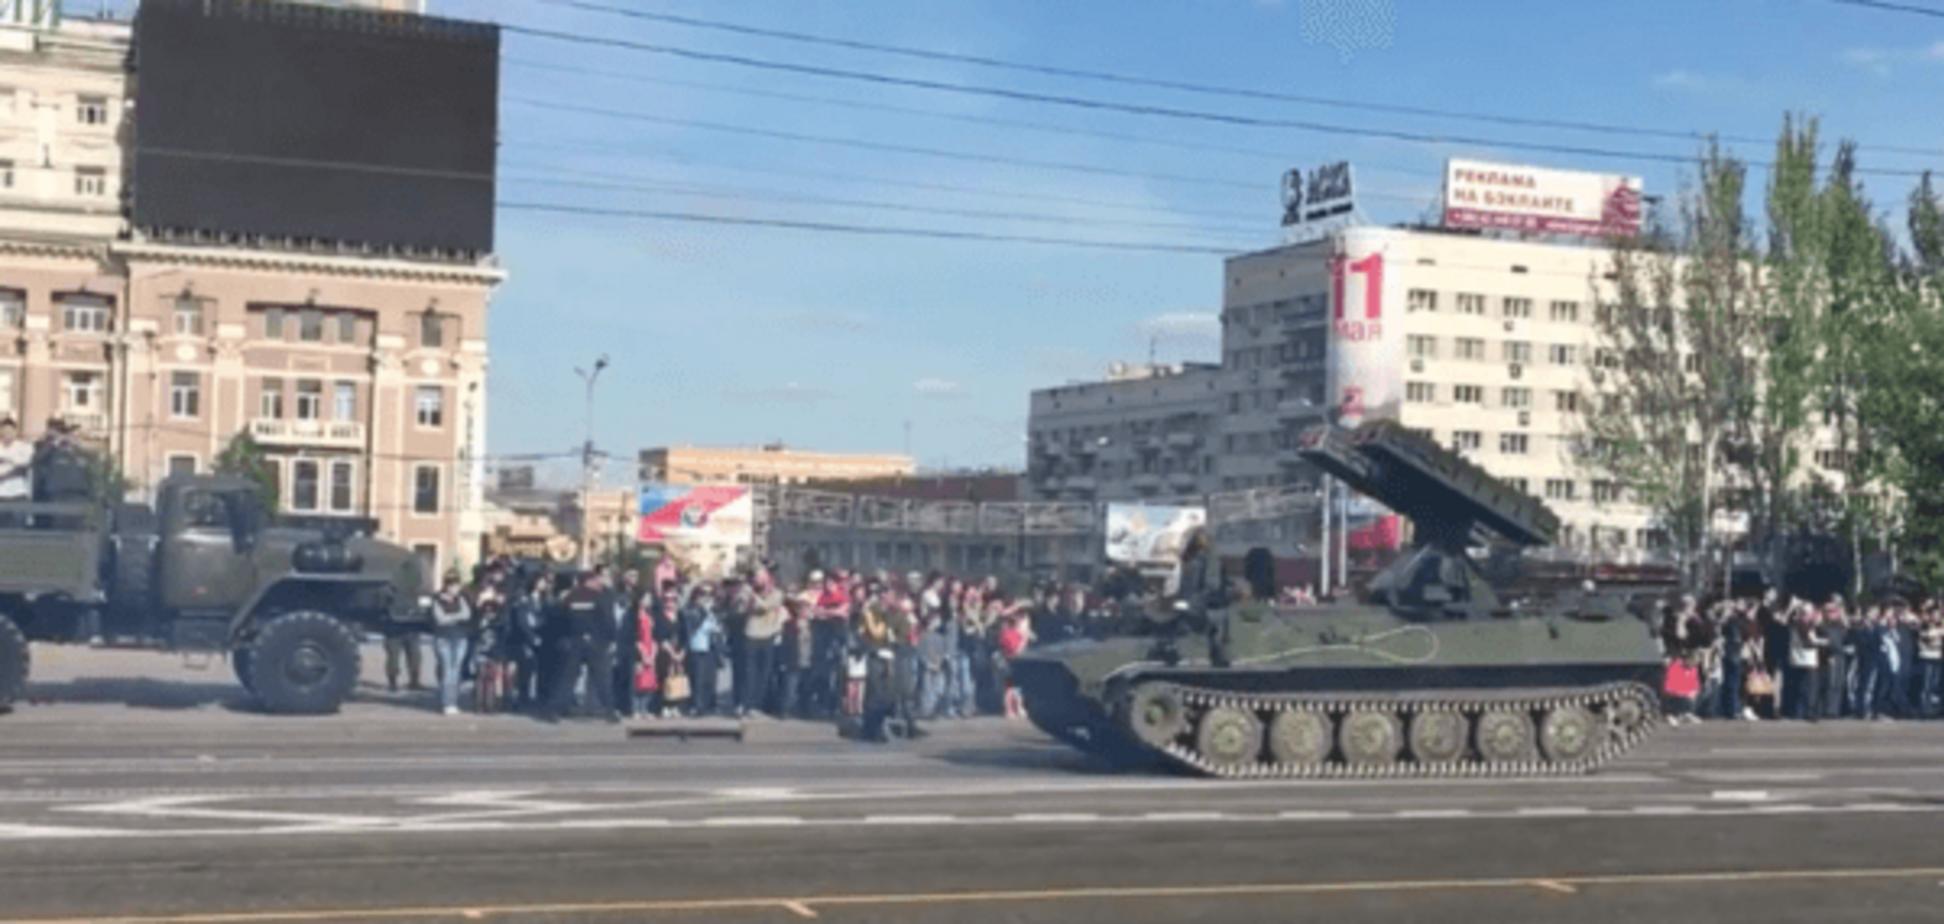 Готовятся к празднику: террористы выгнали на улицы Донецка эшелоны военной техники. Опубликованы фото и видео